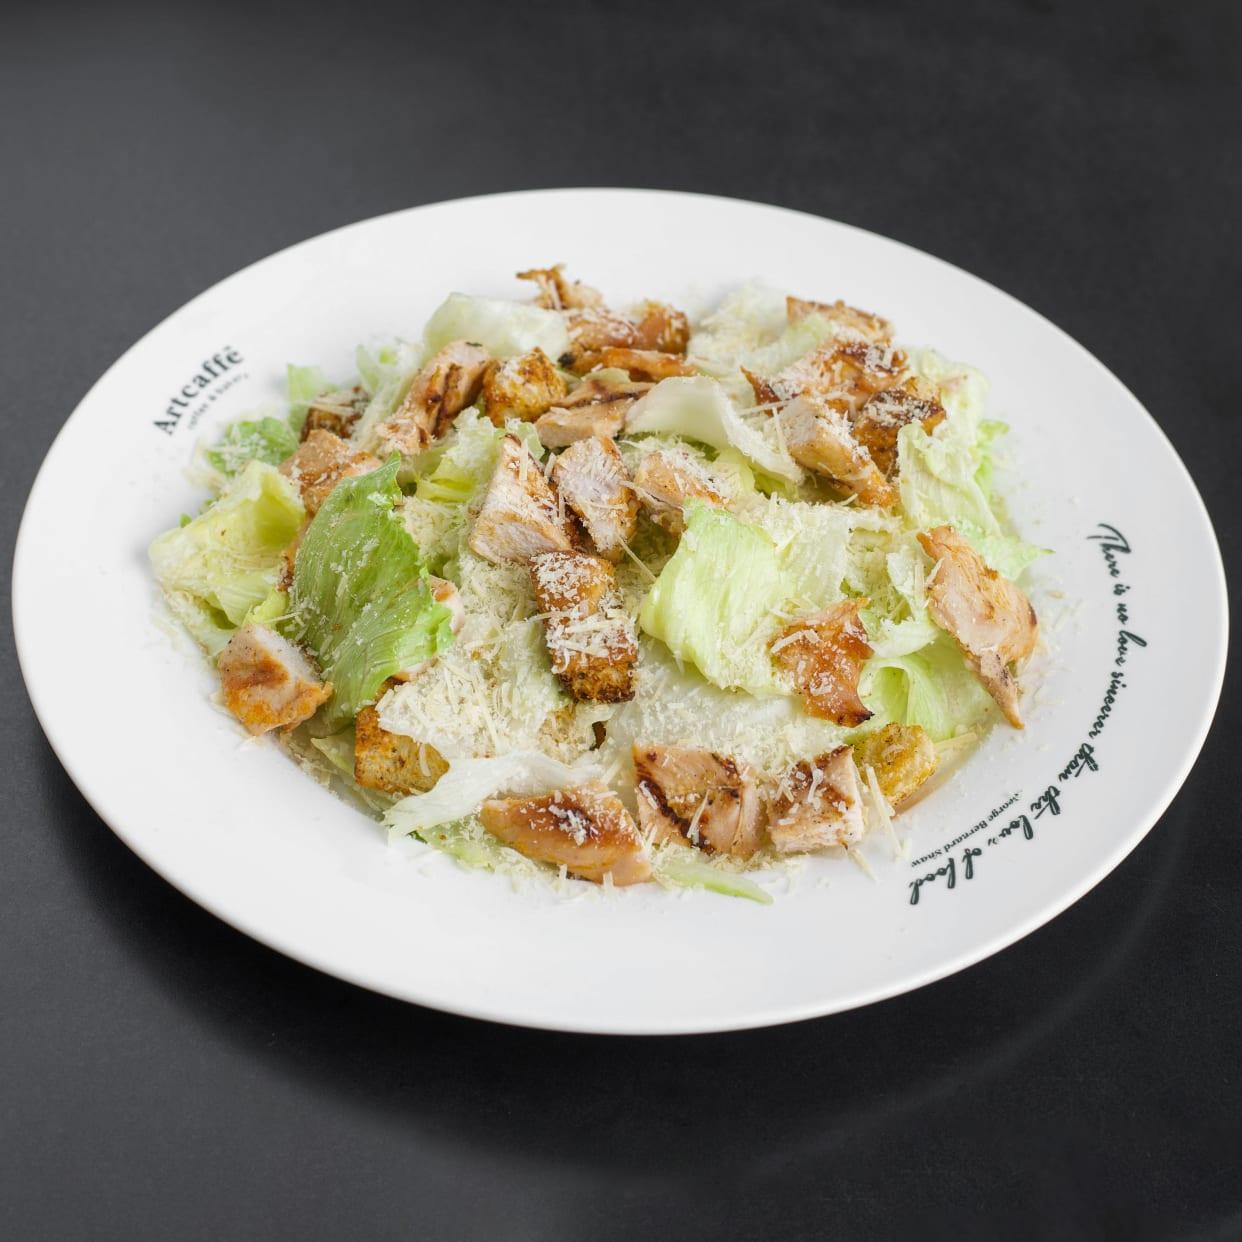 Caesar Salad - Veg option